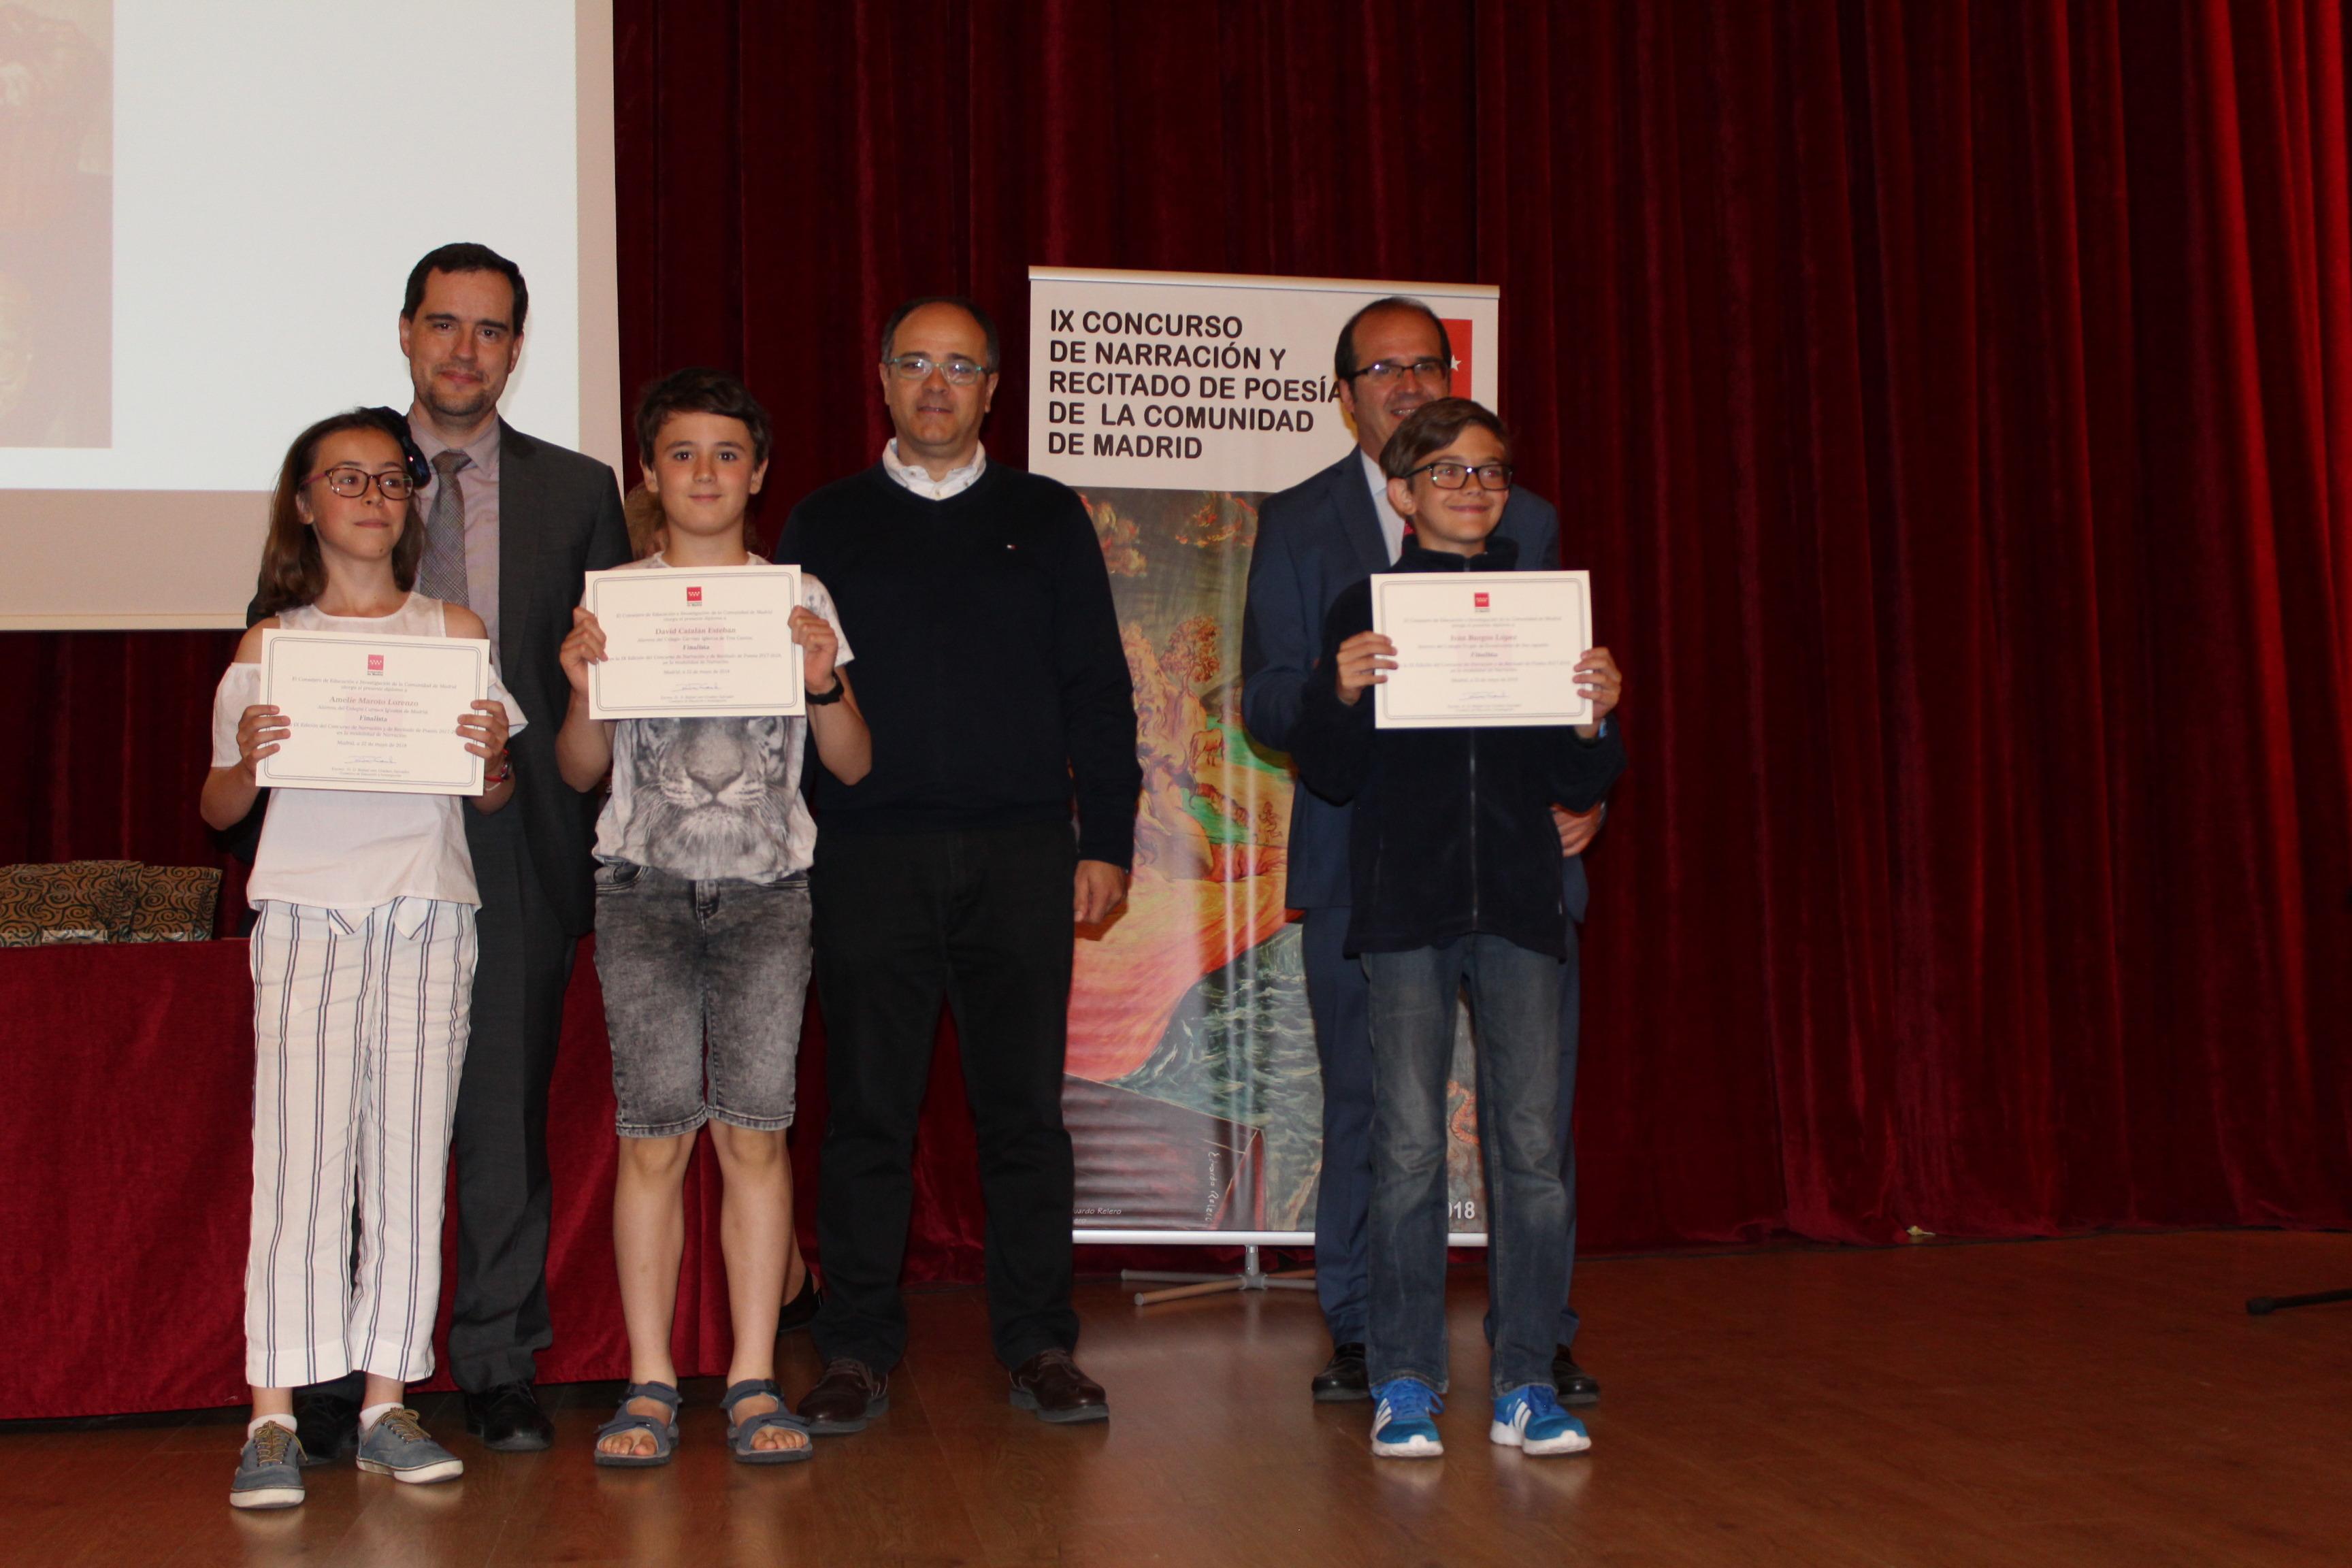 Entrega de los premios del IX Concurso de Narración y Recitado de Poesía 4